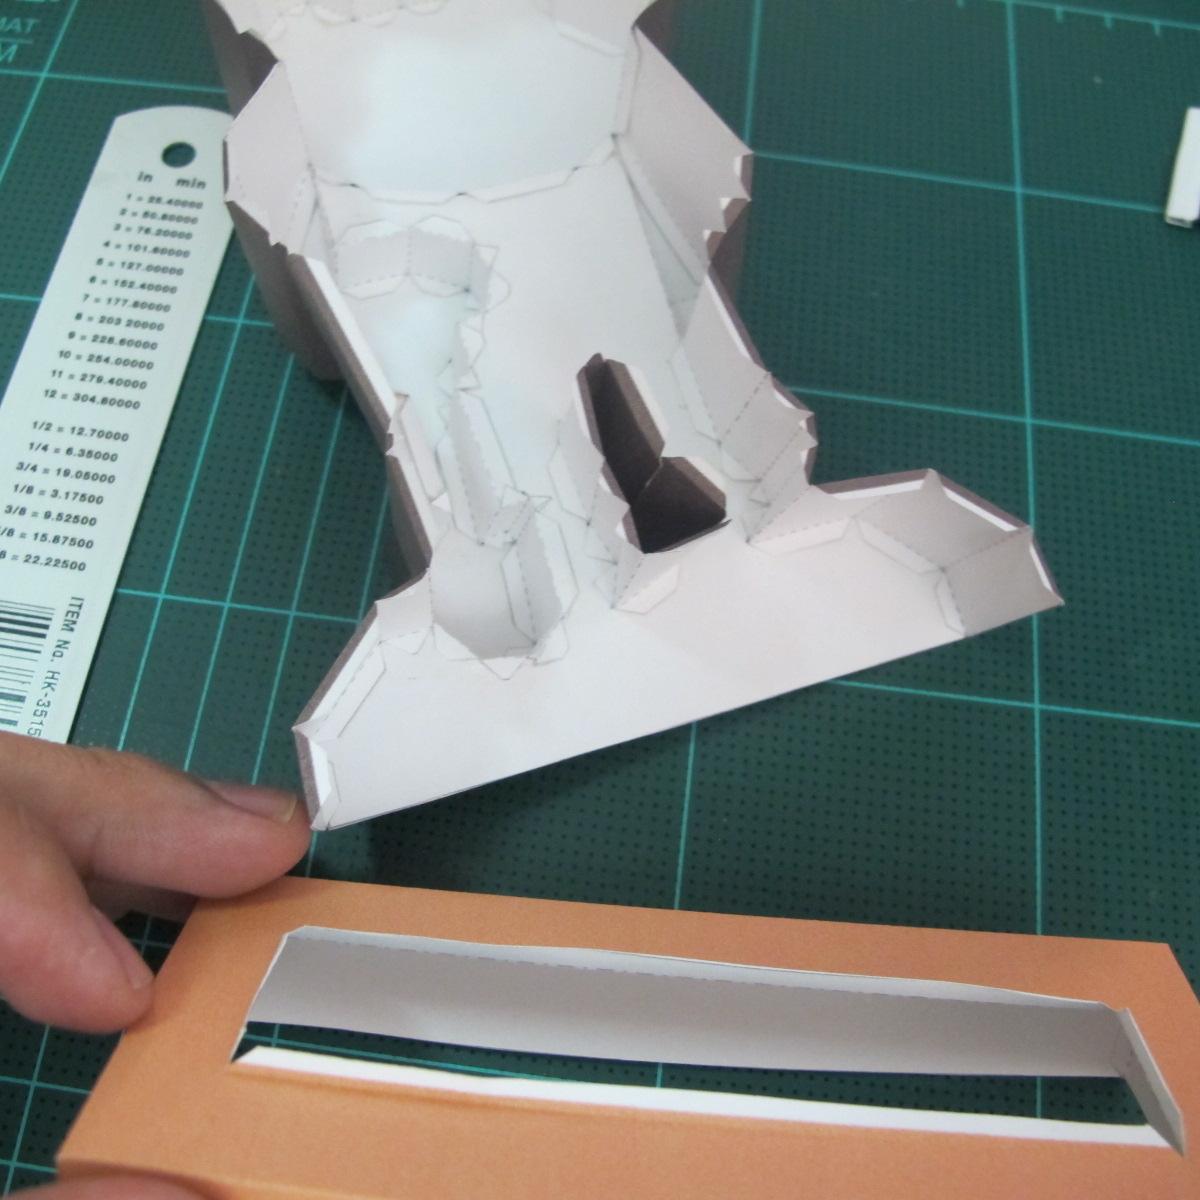 วิธีทำโมเดลกระดาษ ตุ้กตาไลน์ หมีบราวน์ ถือพลั่ว (Line Brown Bear With Shovel Papercraft Model -「シャベル」と「ブラウン」) 025